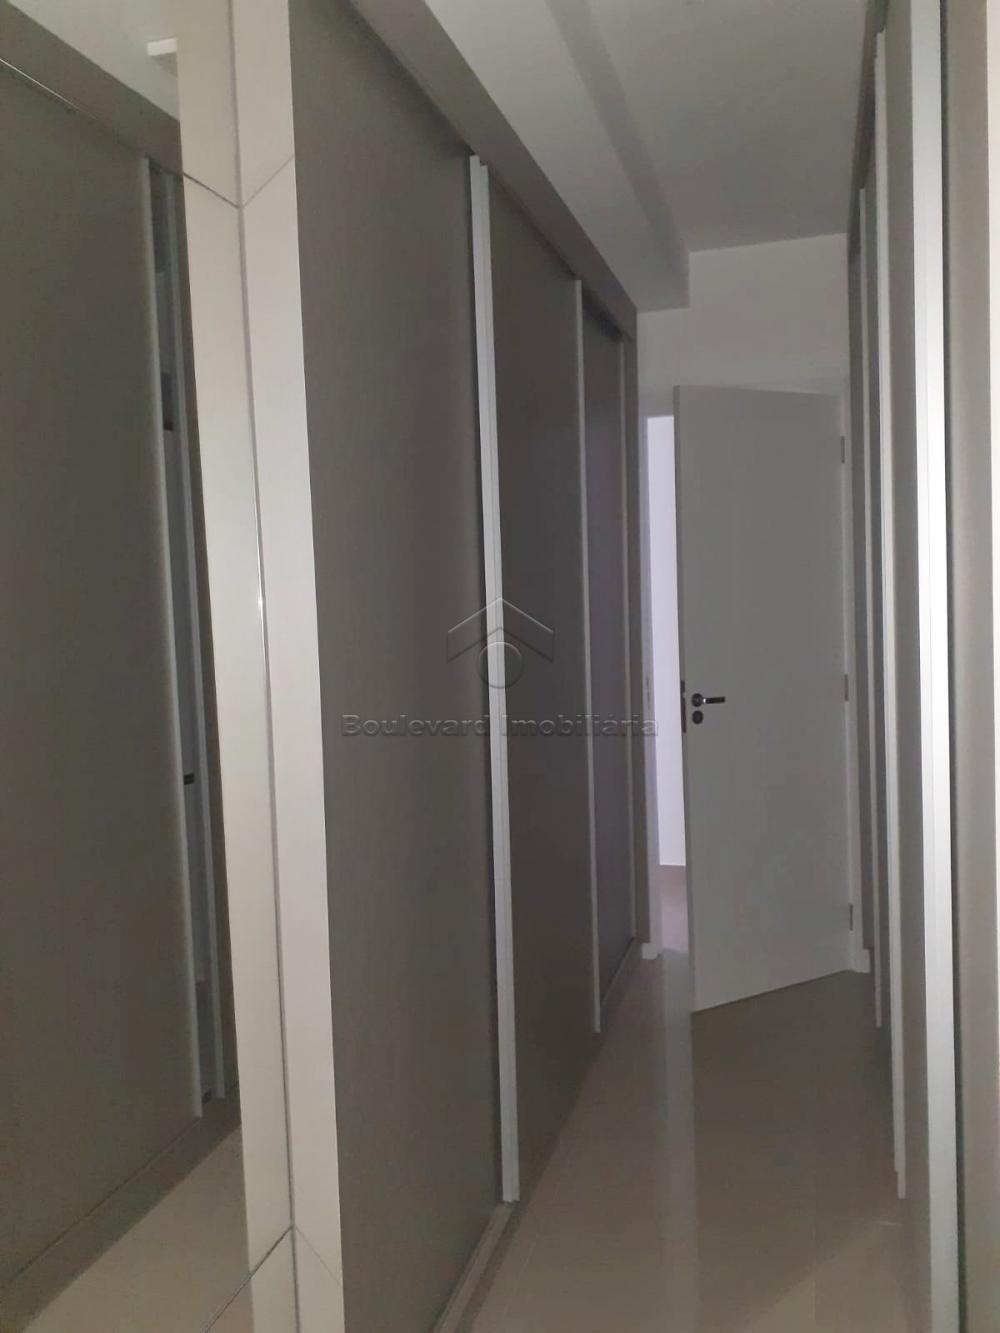 Comprar Apartamento / Padrão em Ribeirão Preto R$ 890.000,00 - Foto 15